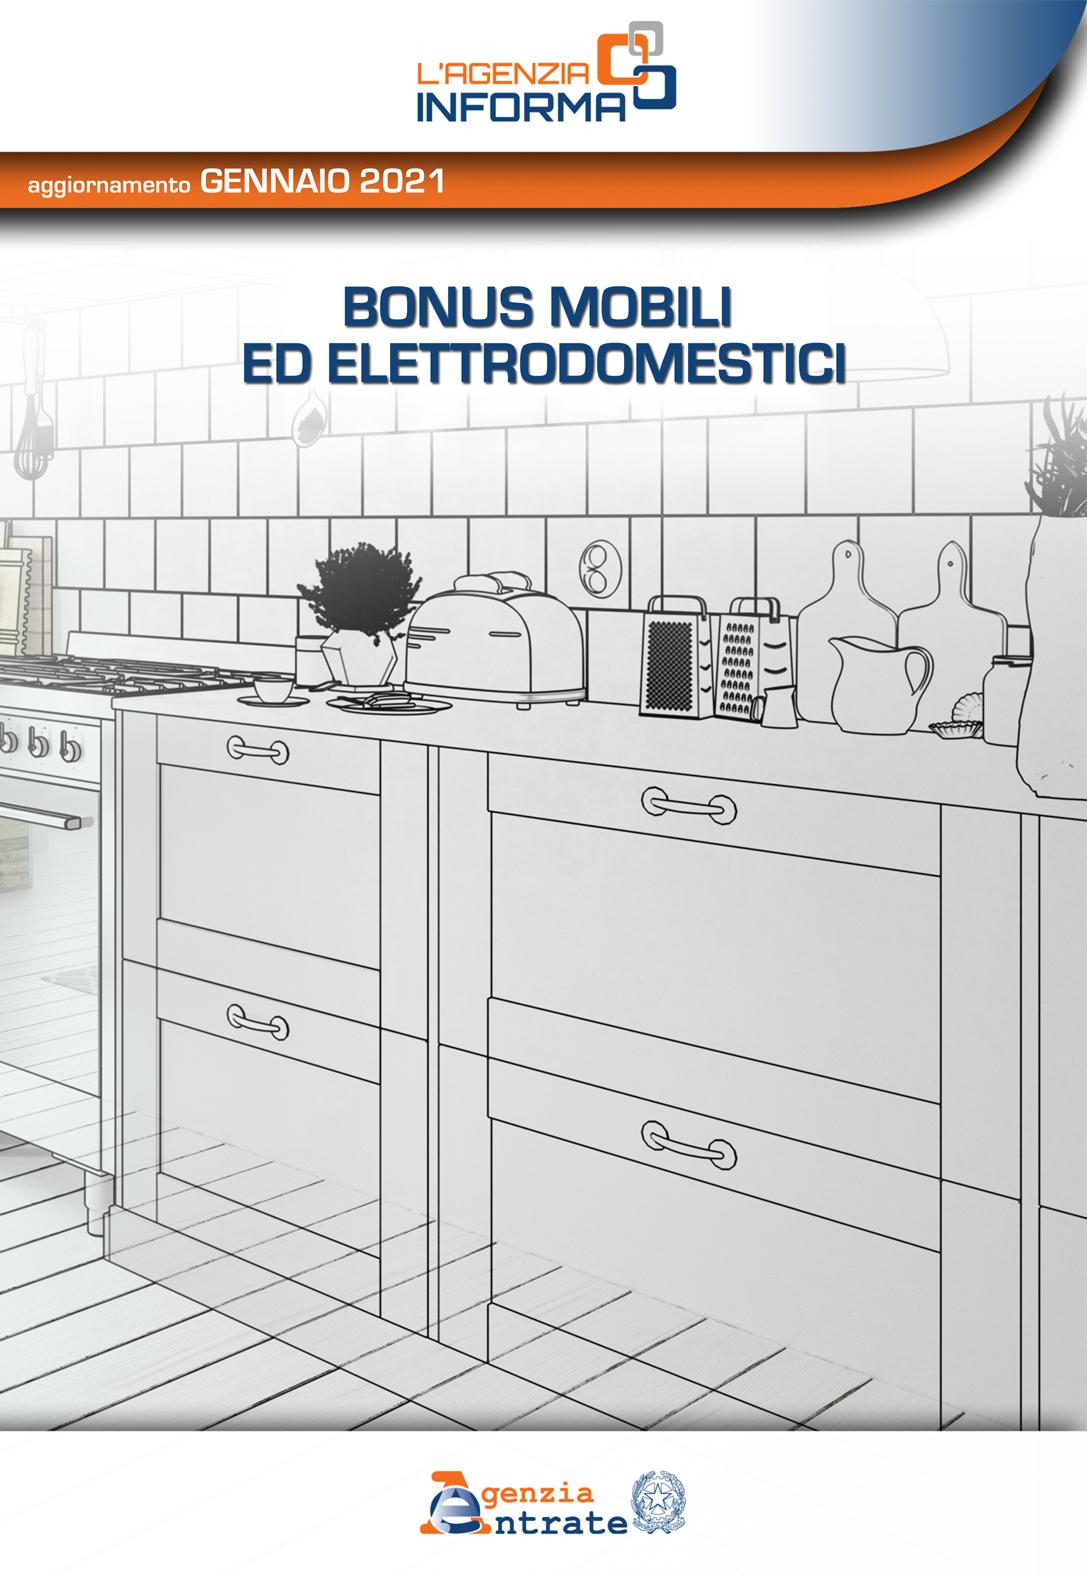 Bonus MOBILI 2021: cos'e' e come funziona, come ottenerlo e pagarlo?